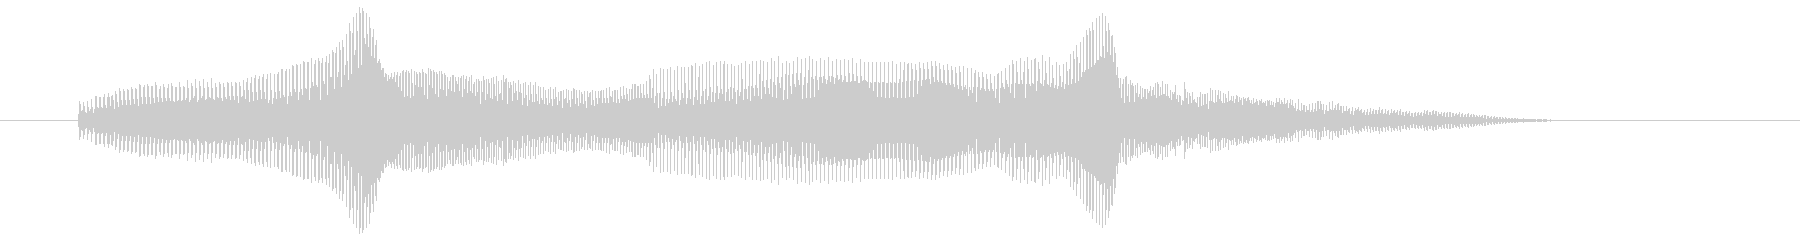 アーン♥(アダルトみ) エフェクトなしの未再生の波形